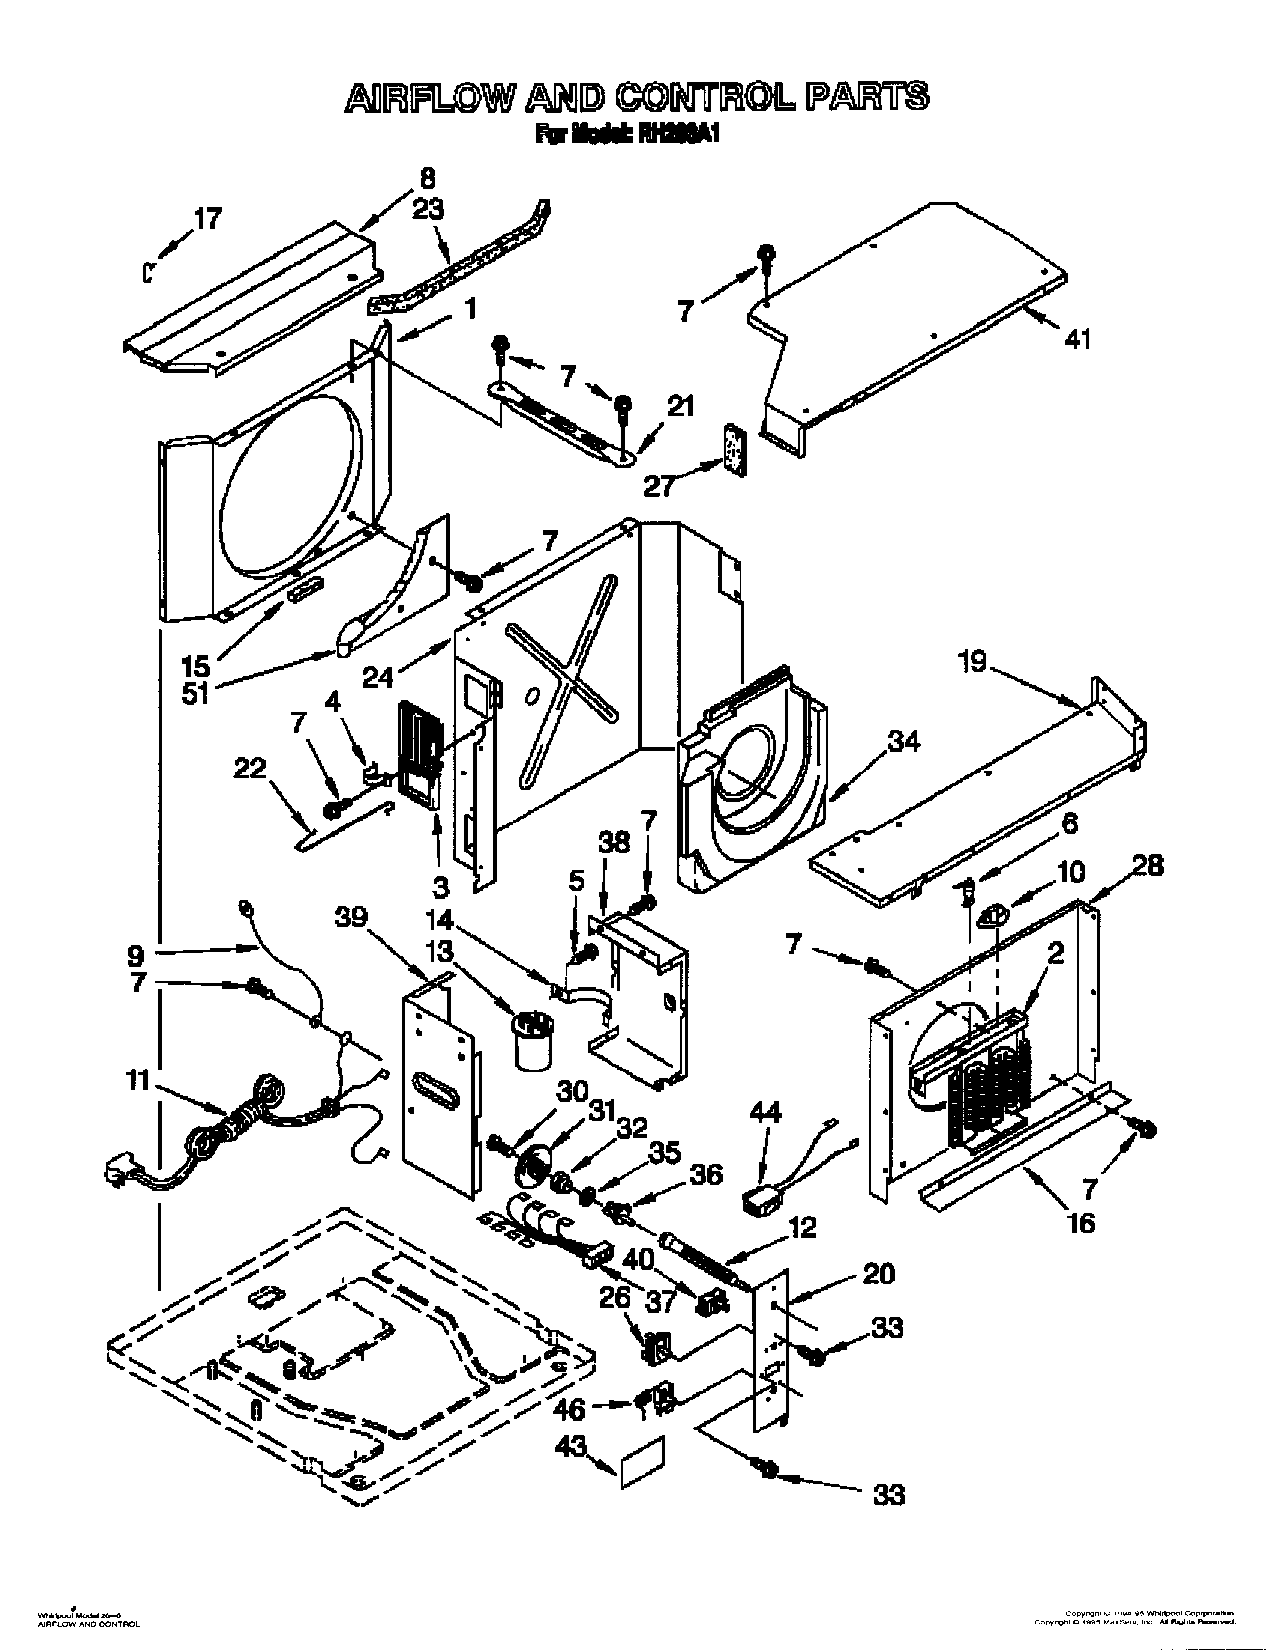 RH203A1